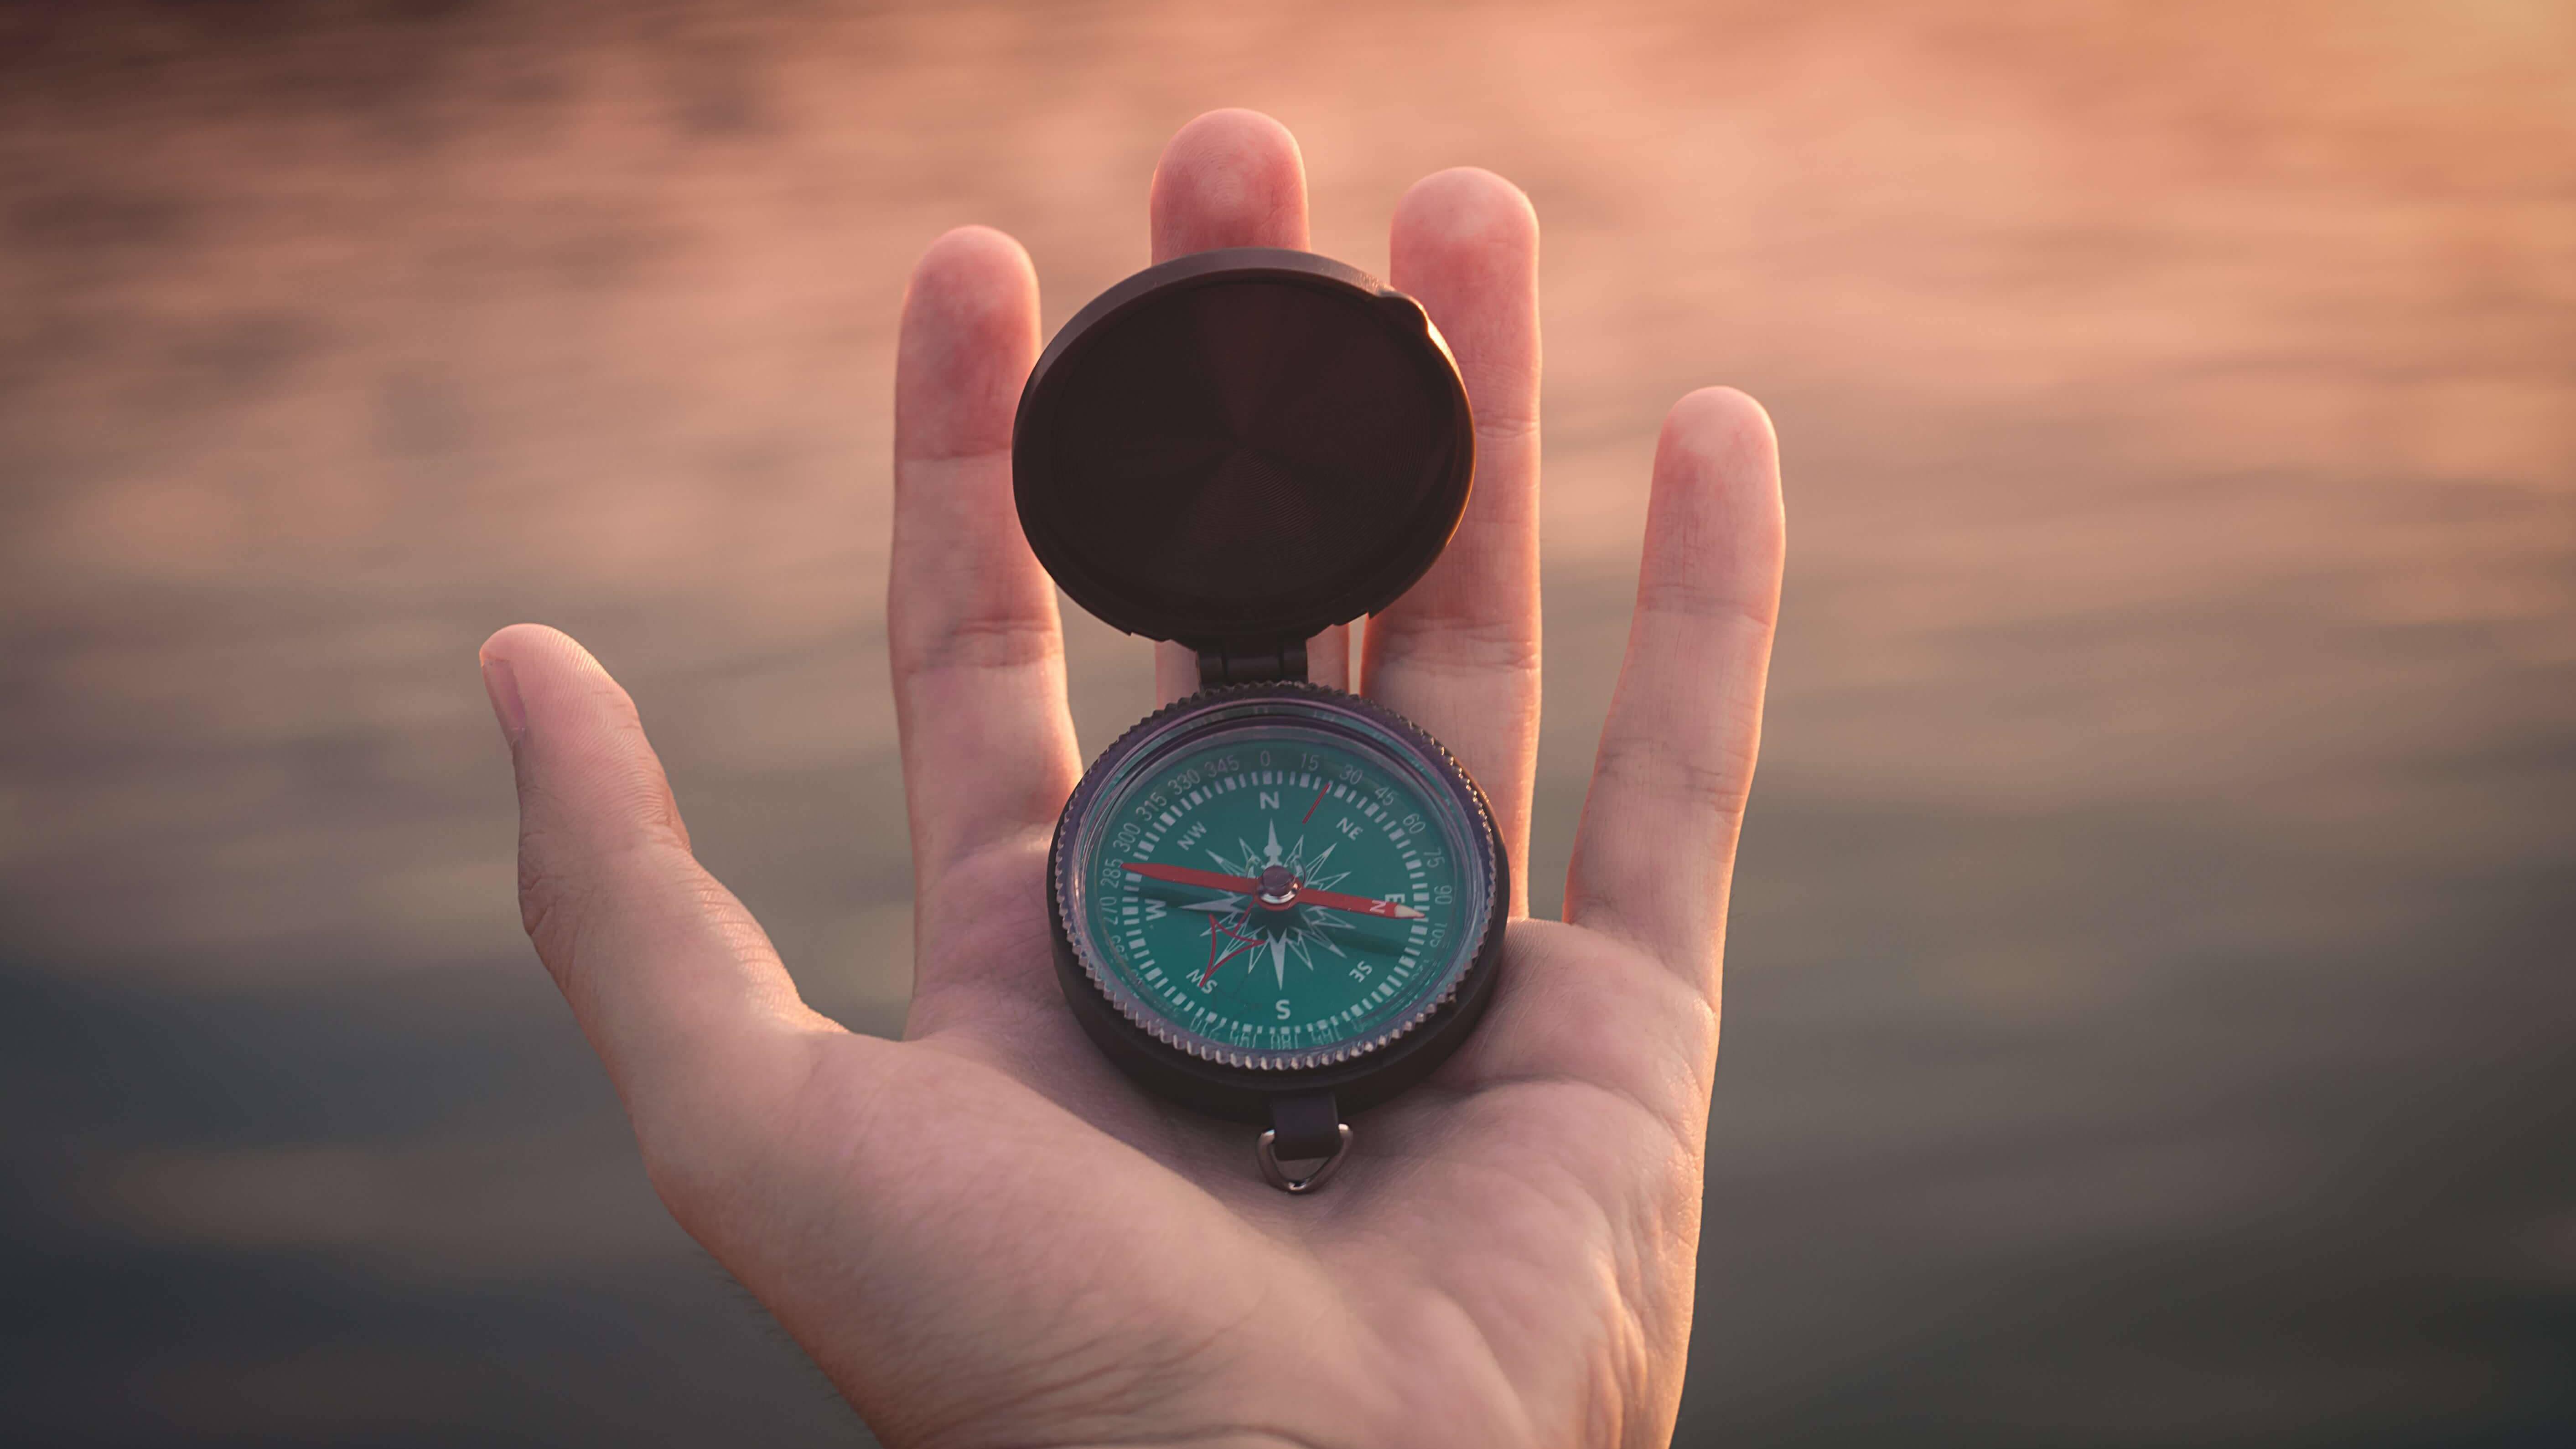 Kompass in einer Hand, im Hintergrund Wasser